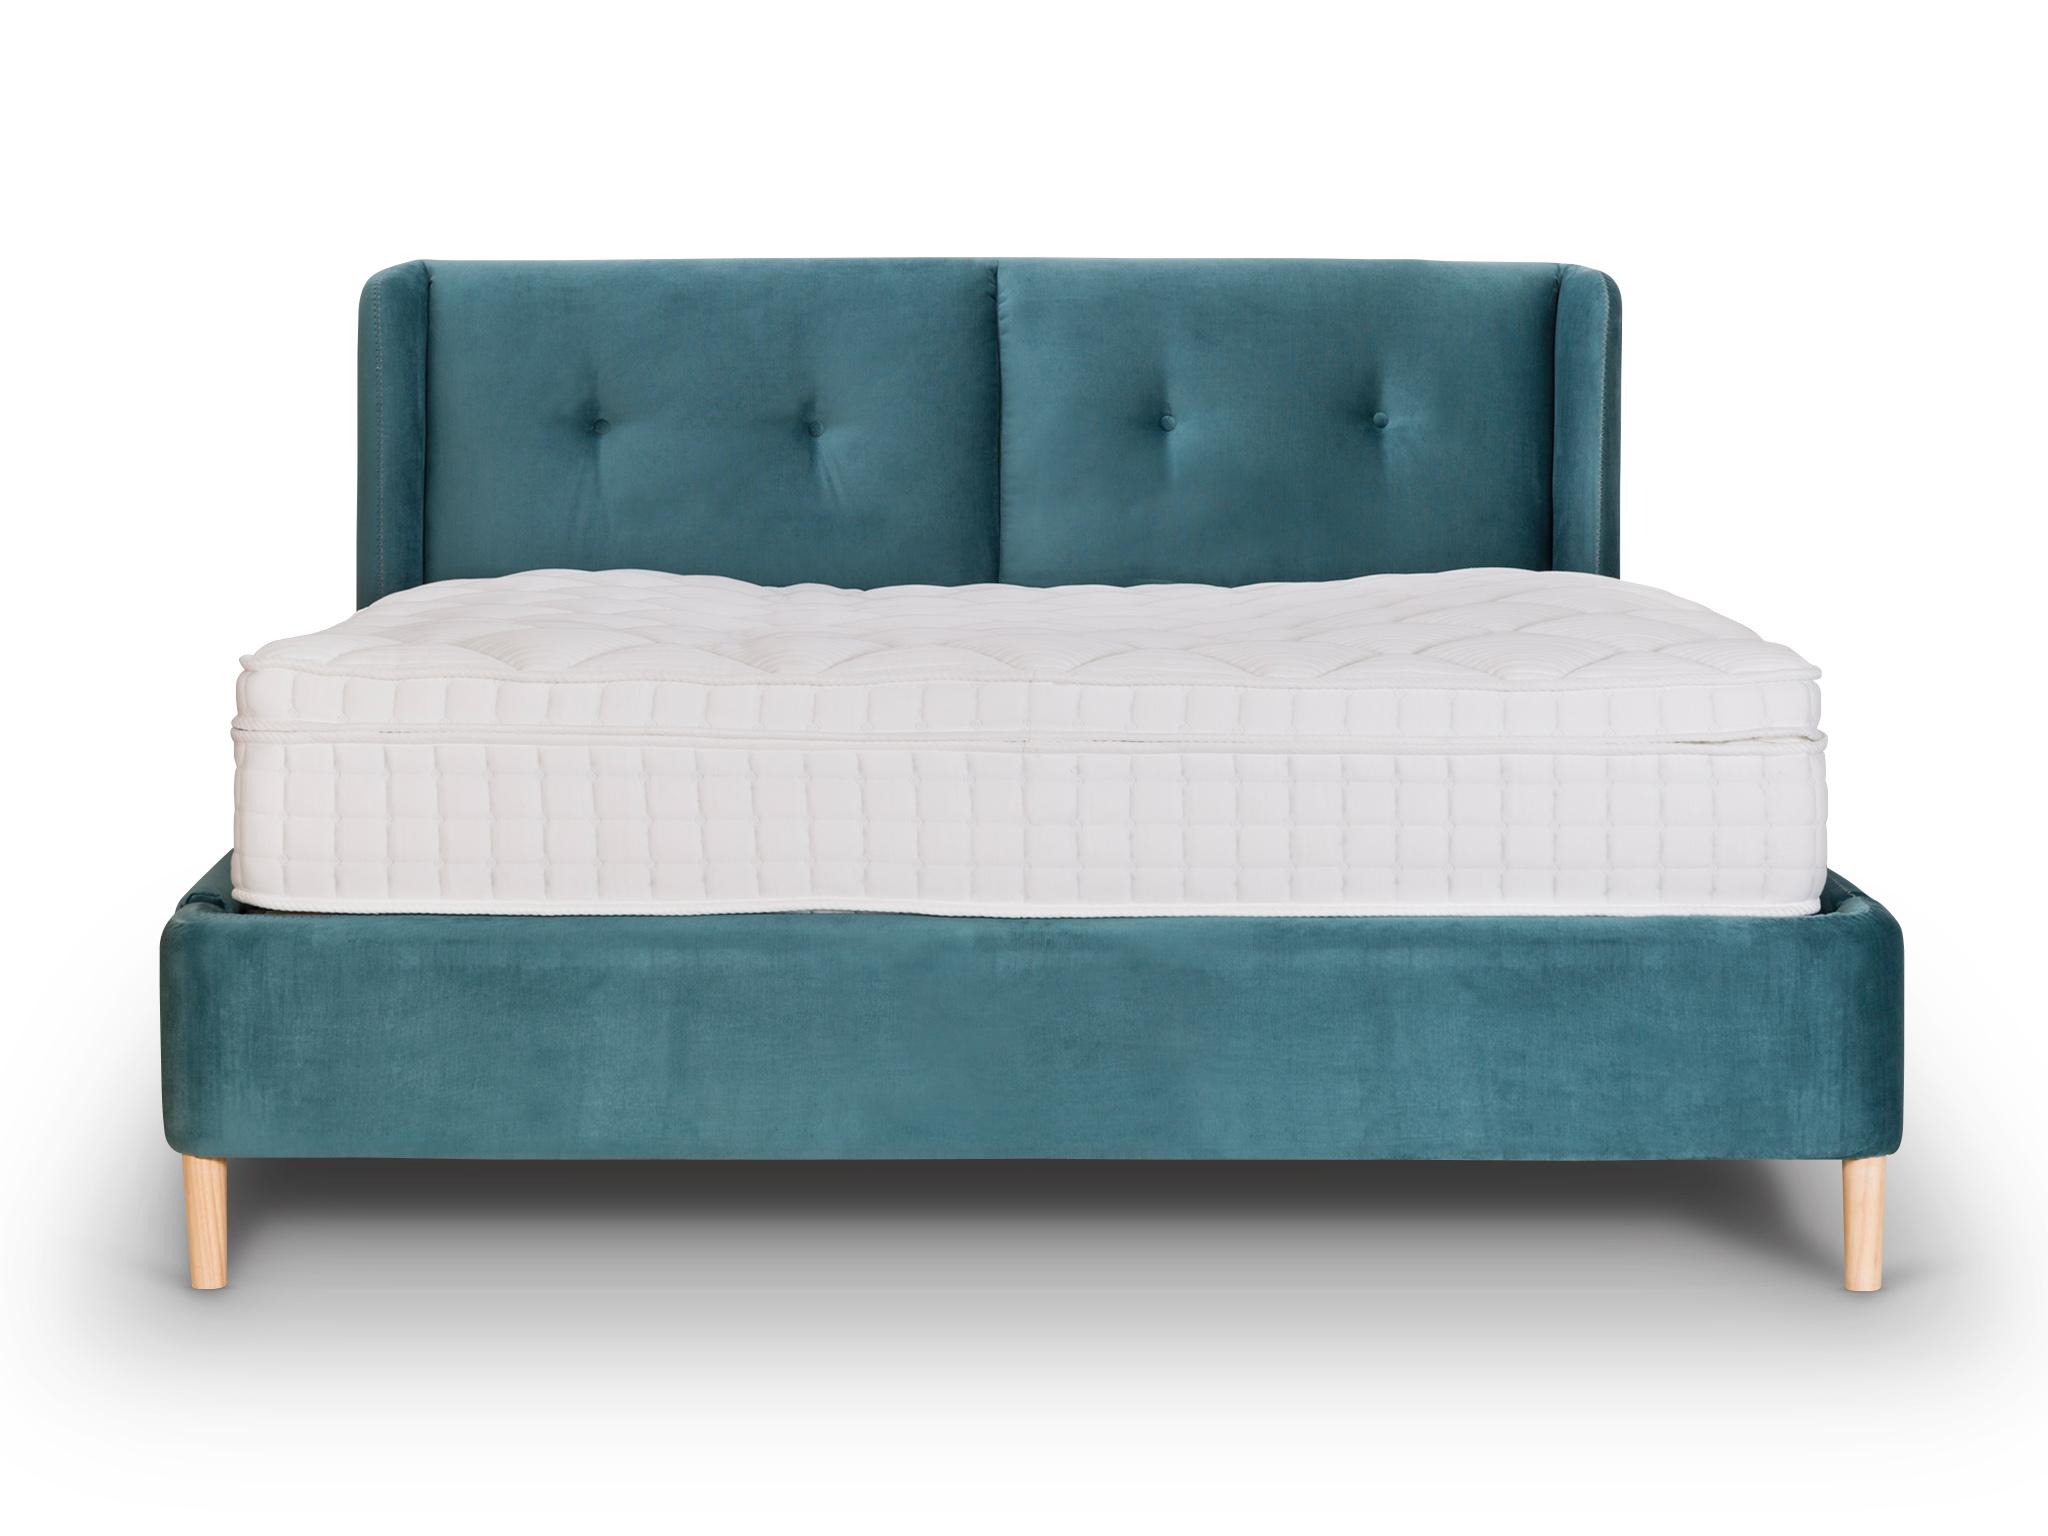 Кровать BrightonКровати с мягким изголовьем<br>Кровать в стиле американских 60-х имеет ненавязчивый дизайн и идеально впишется в интерьер спальни совершенно любого стиля.<br><br>Material: Текстиль<br>Width см: 180<br>Depth см: 200<br>Height см: 110